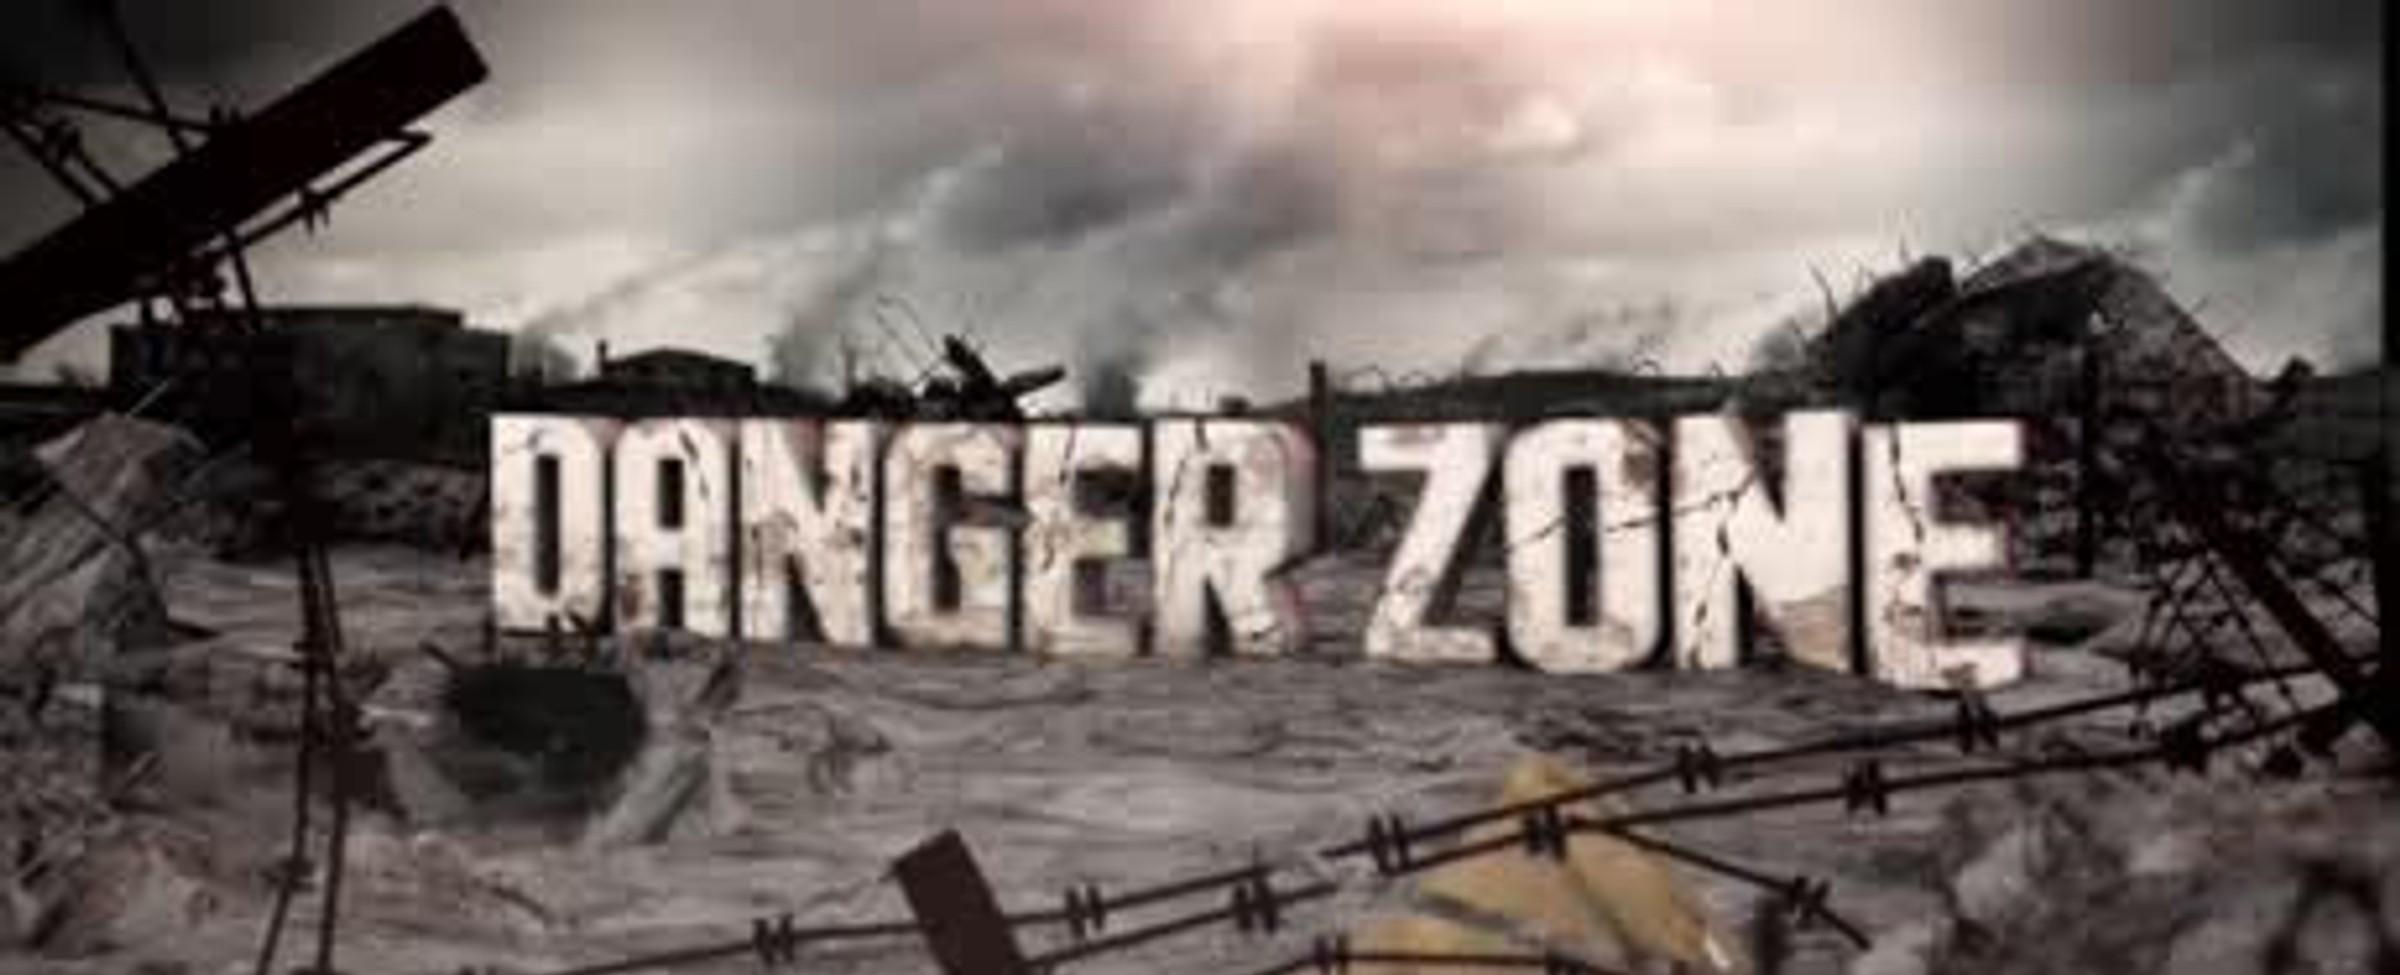 Nebezpečné oblasti světa